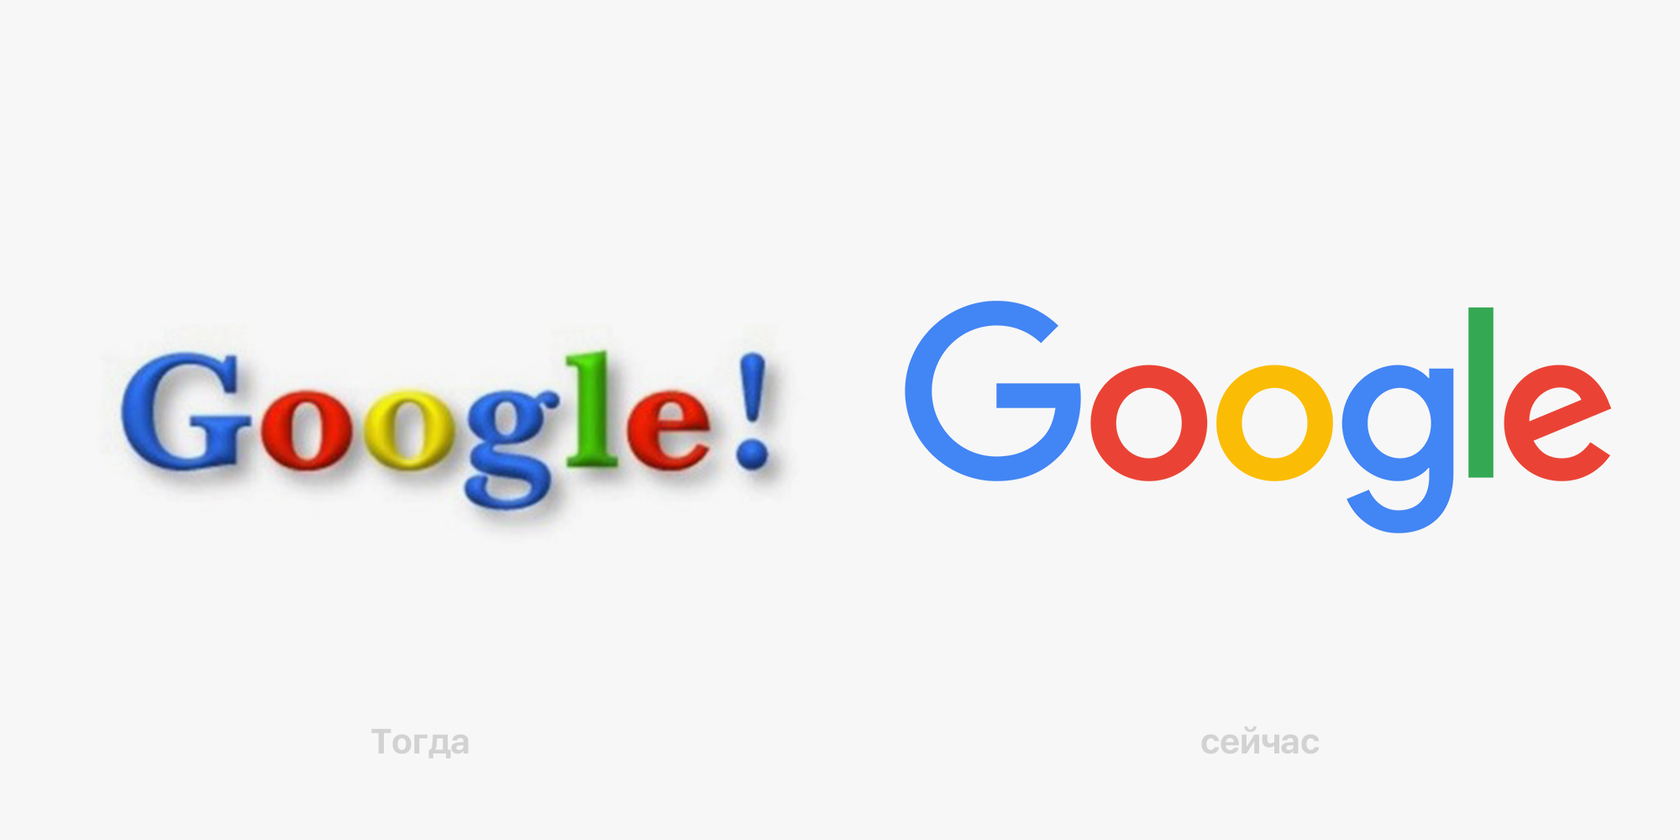 Слева — вариант логотипа 1998 года, разработанный Ларри Пейджем и Сергеем Брином для дипломной работы, справа — актуальный вариант, созданный в 2015 году командой Google